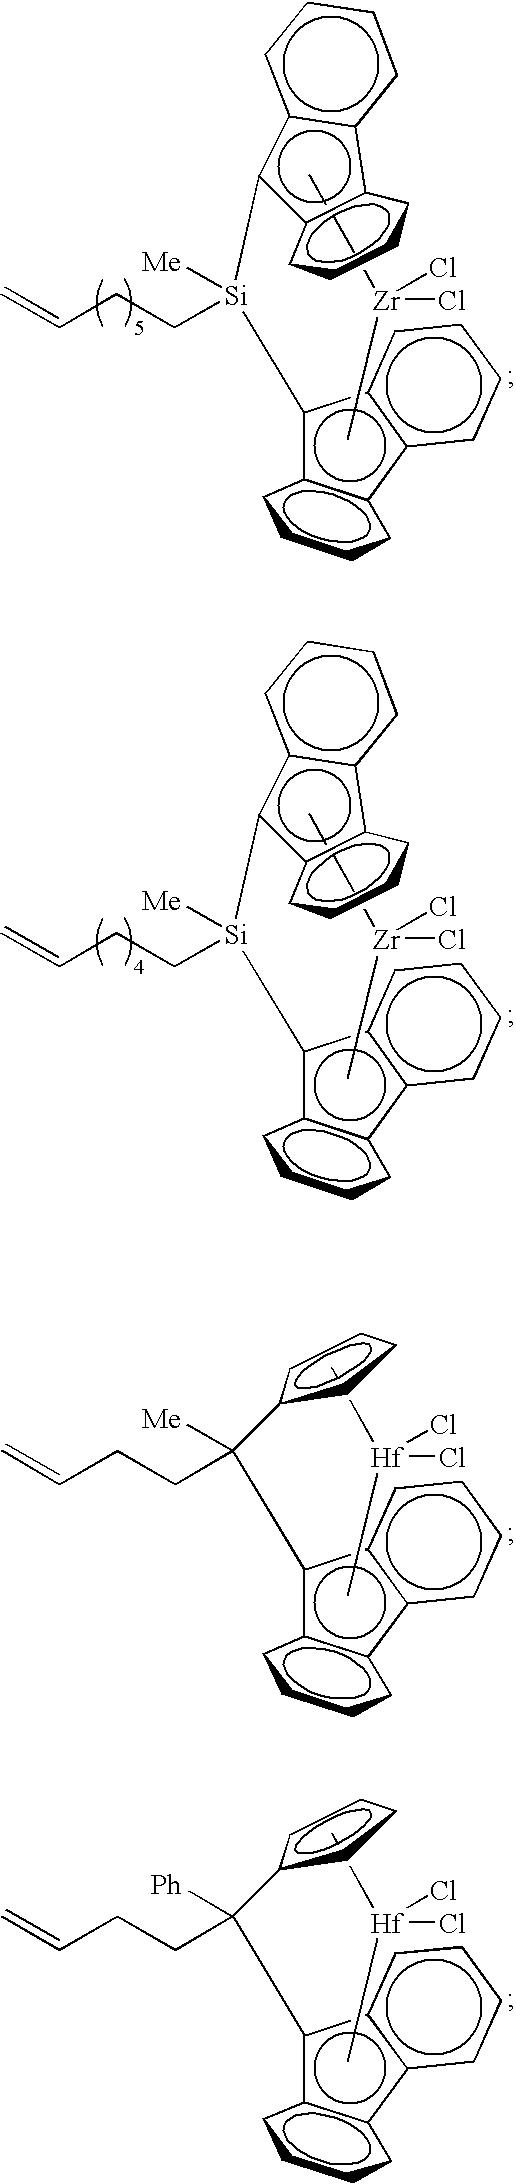 Figure US07226886-20070605-C00033